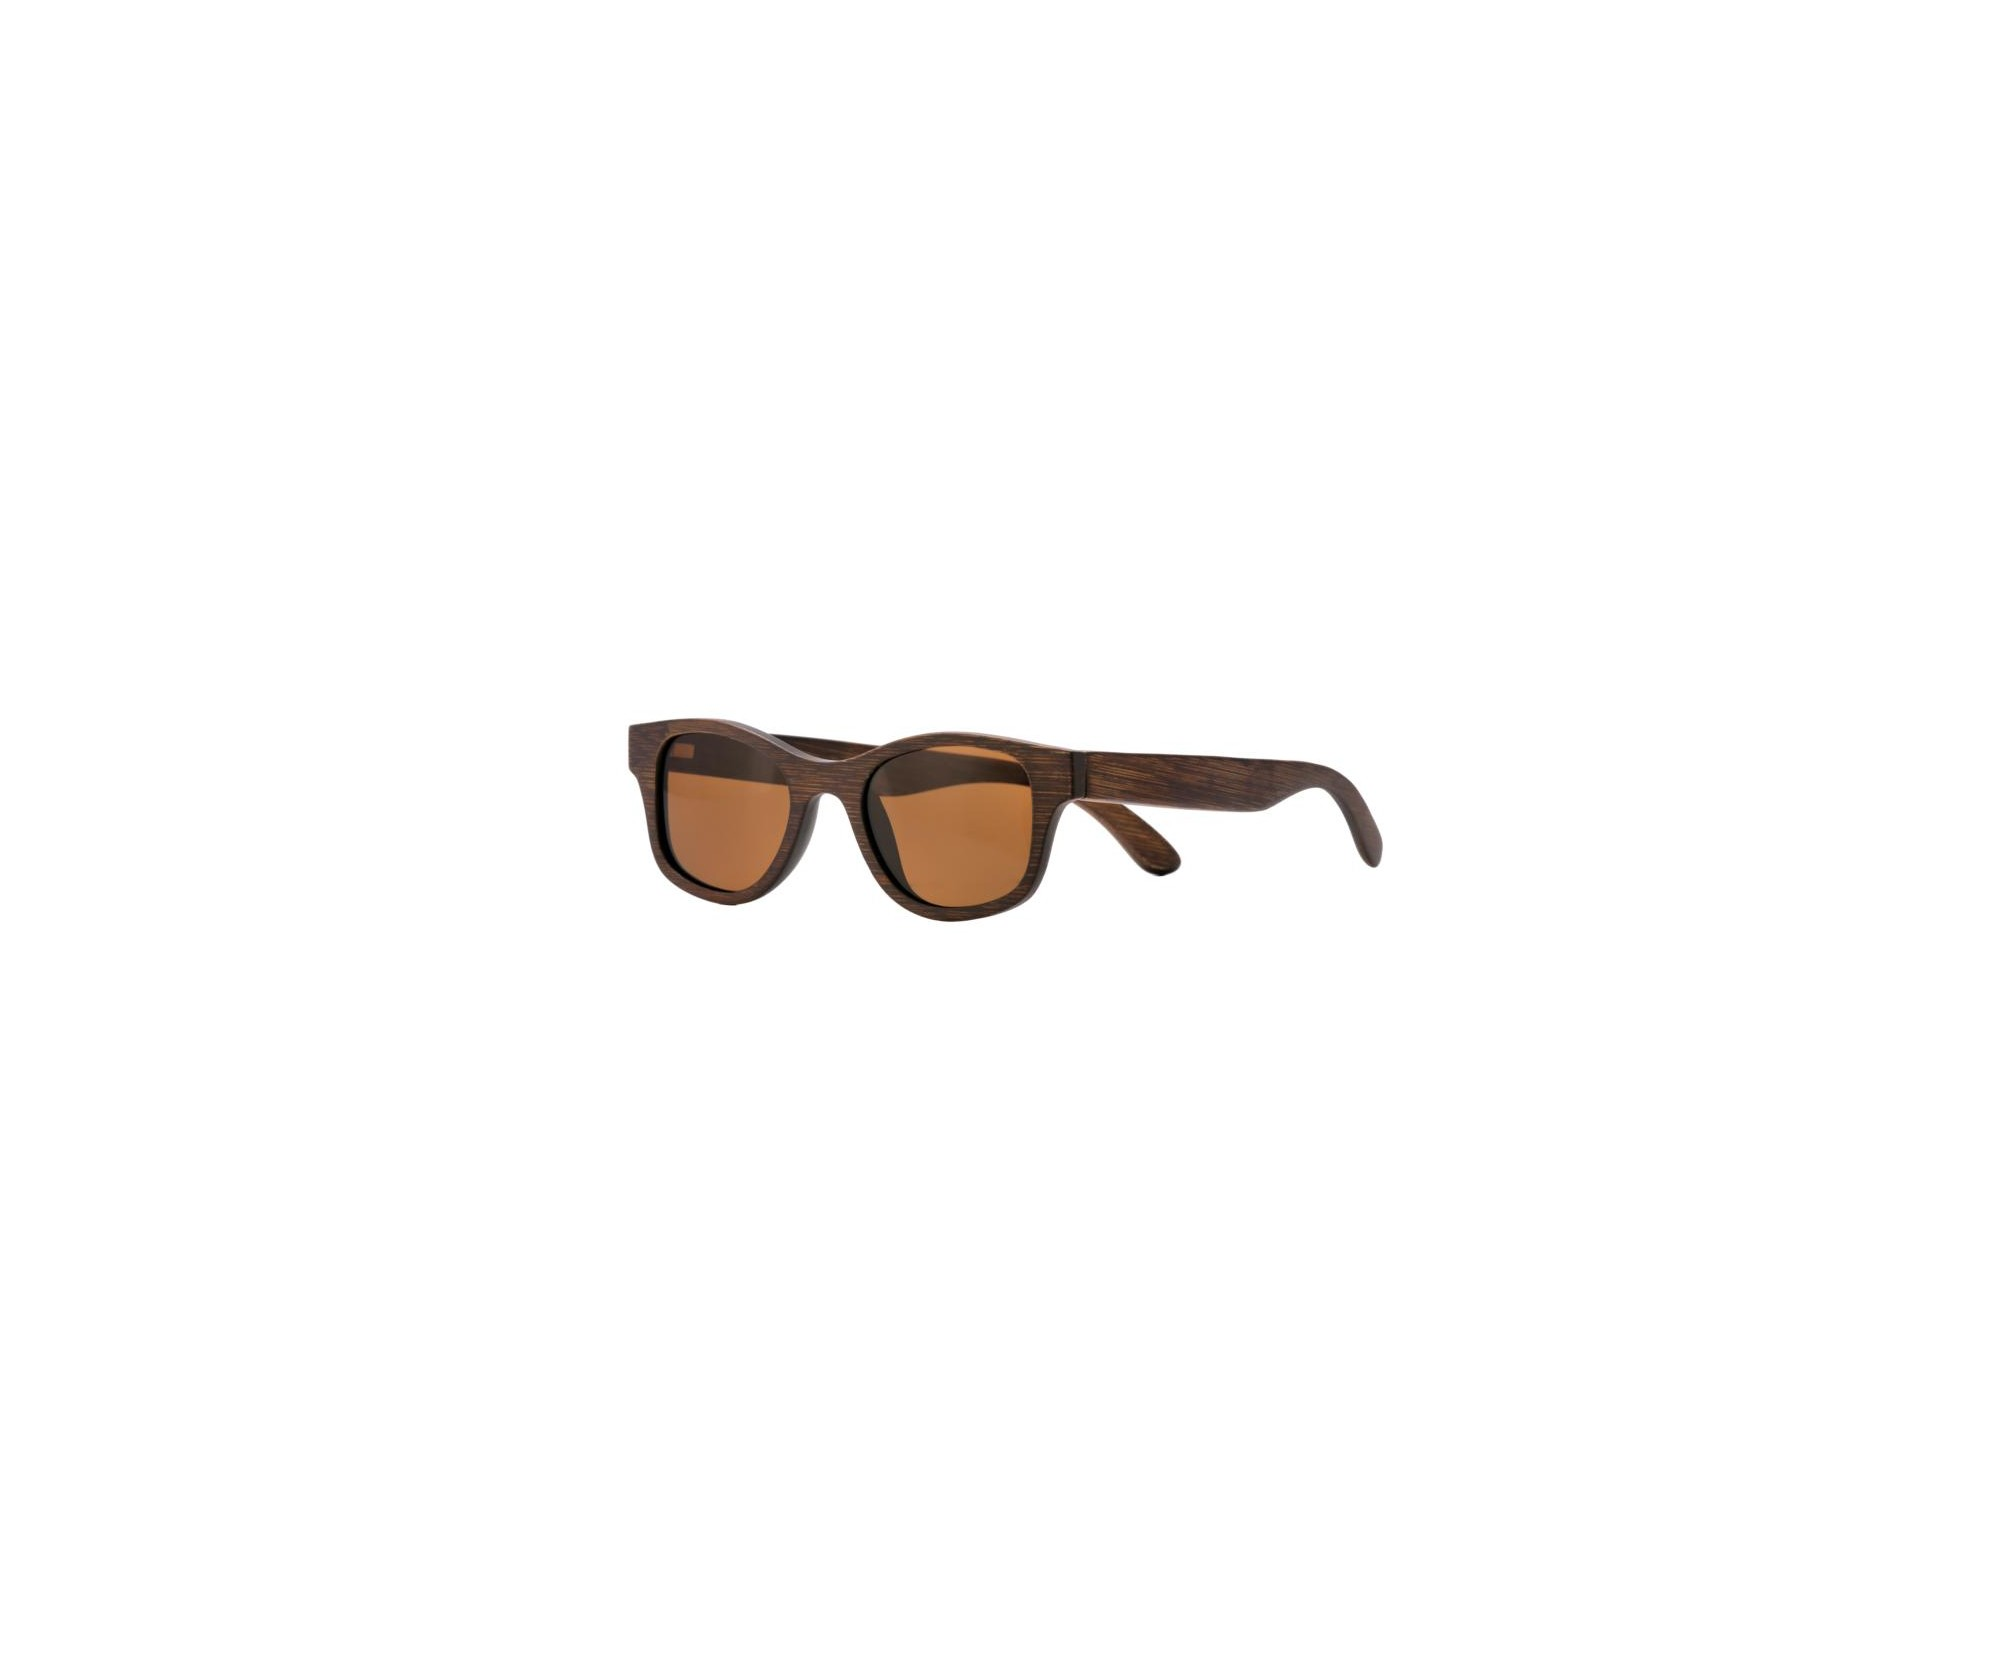 Occhiali da sole legno maria dolfi wood for Occhiali da sole montatura in legno